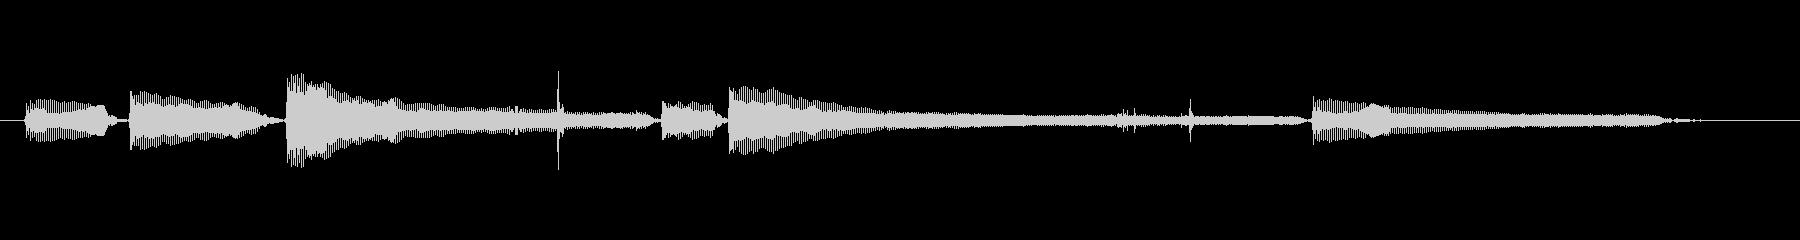 生音エレキギター6弦チューニング2の未再生の波形